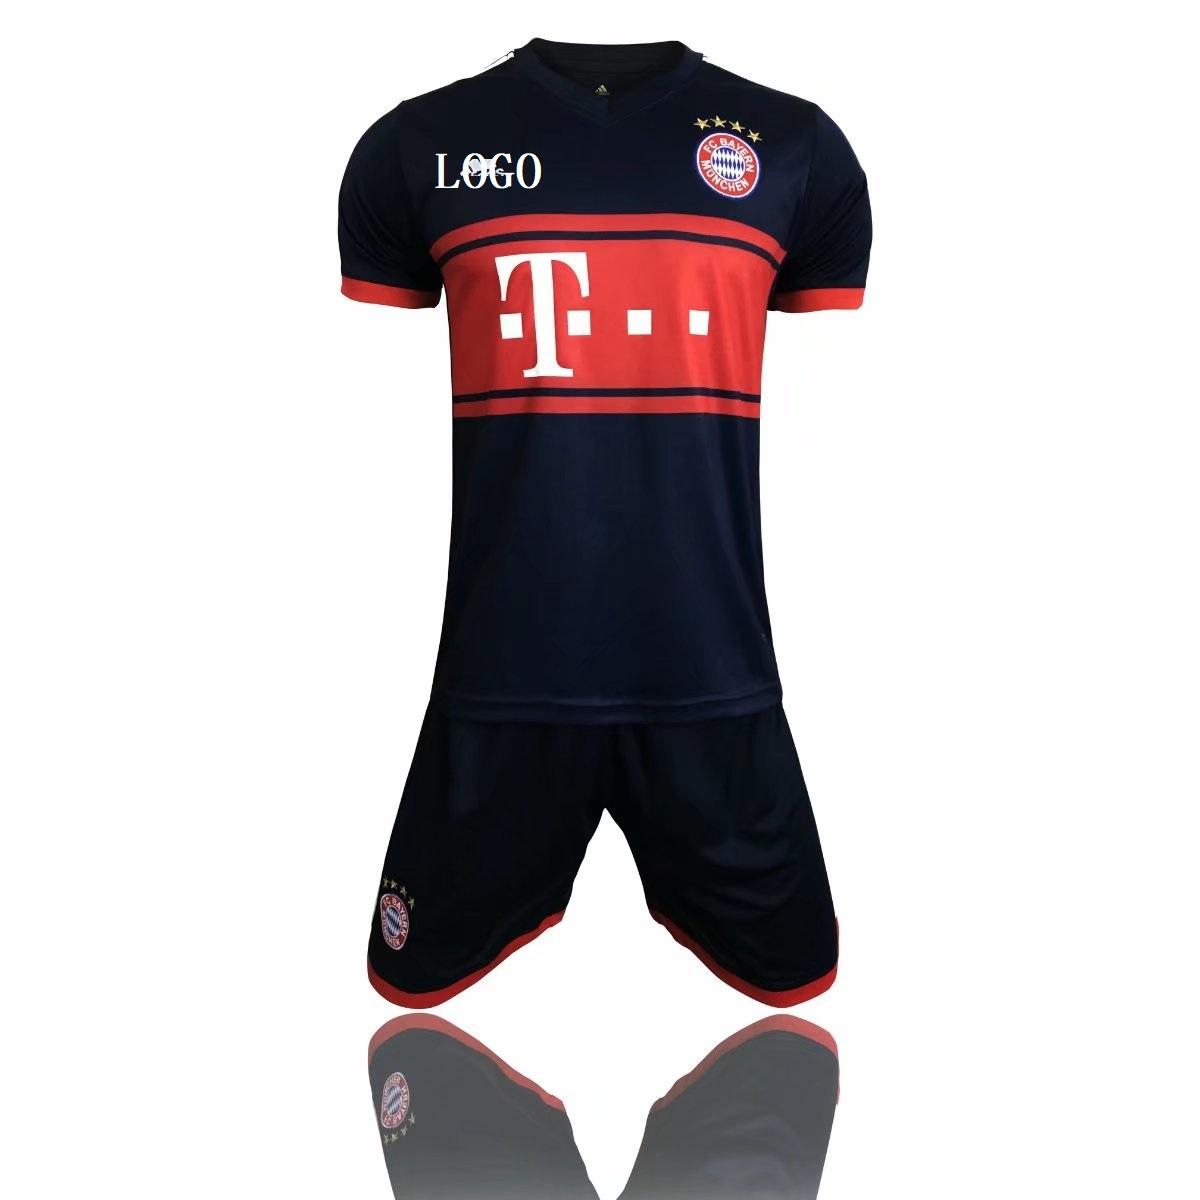 946513259 Bayren Munich Away Black red Soccer Uniforms Cheap Adult Football Kits  custom soccer jerseys